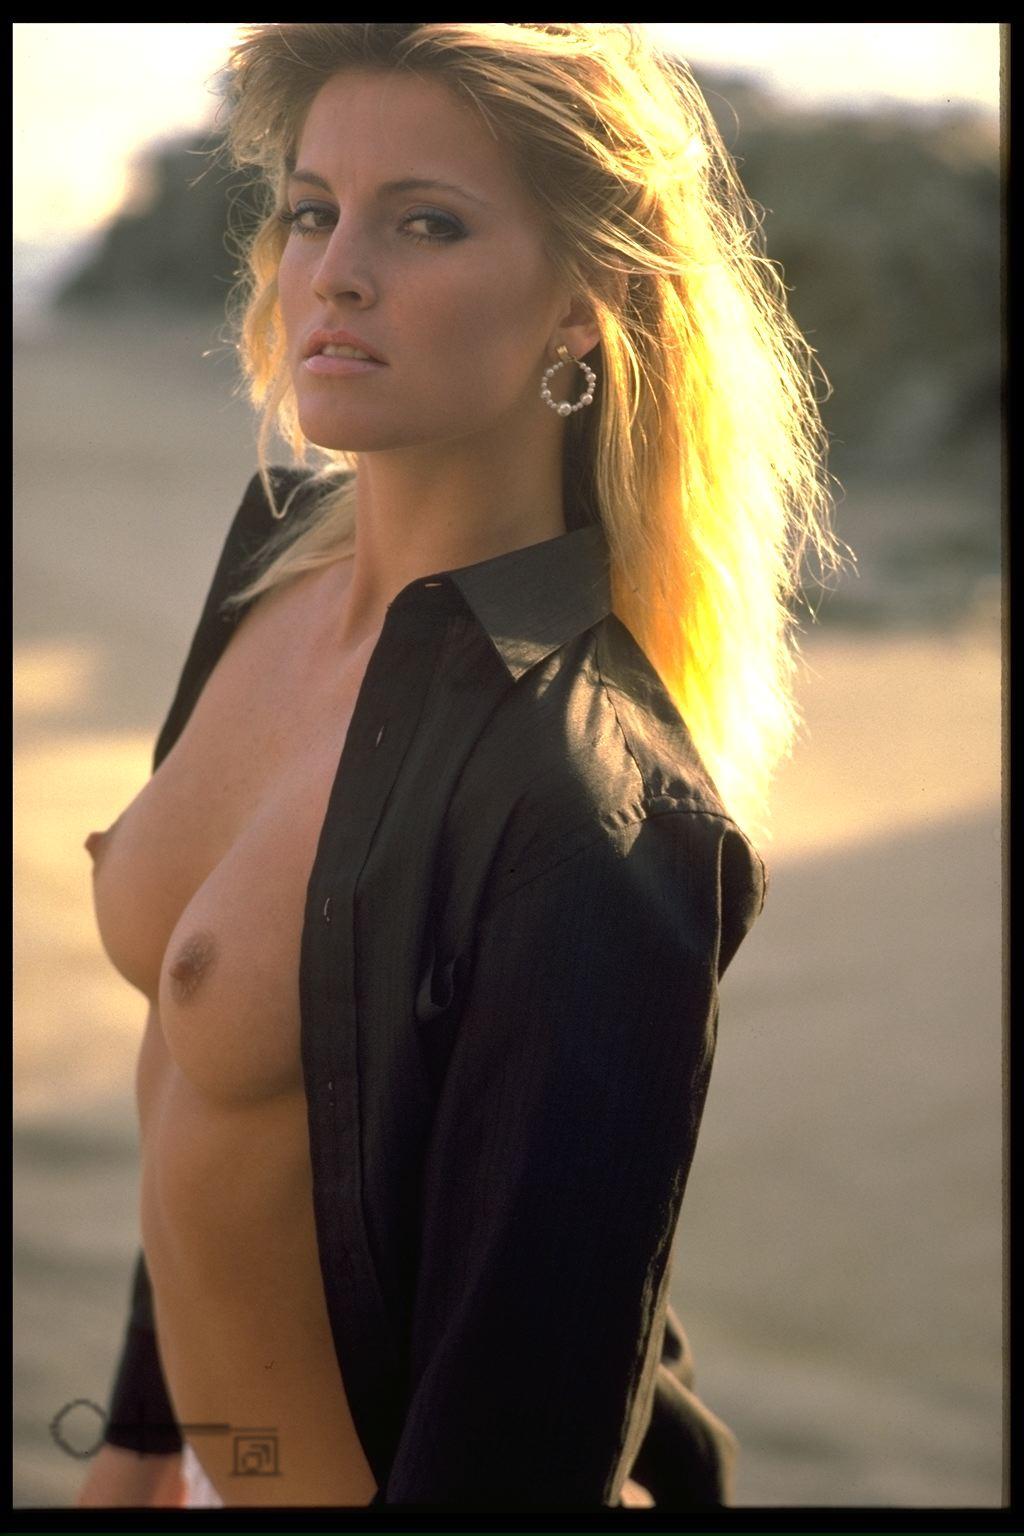 Janine Lindemulder topless